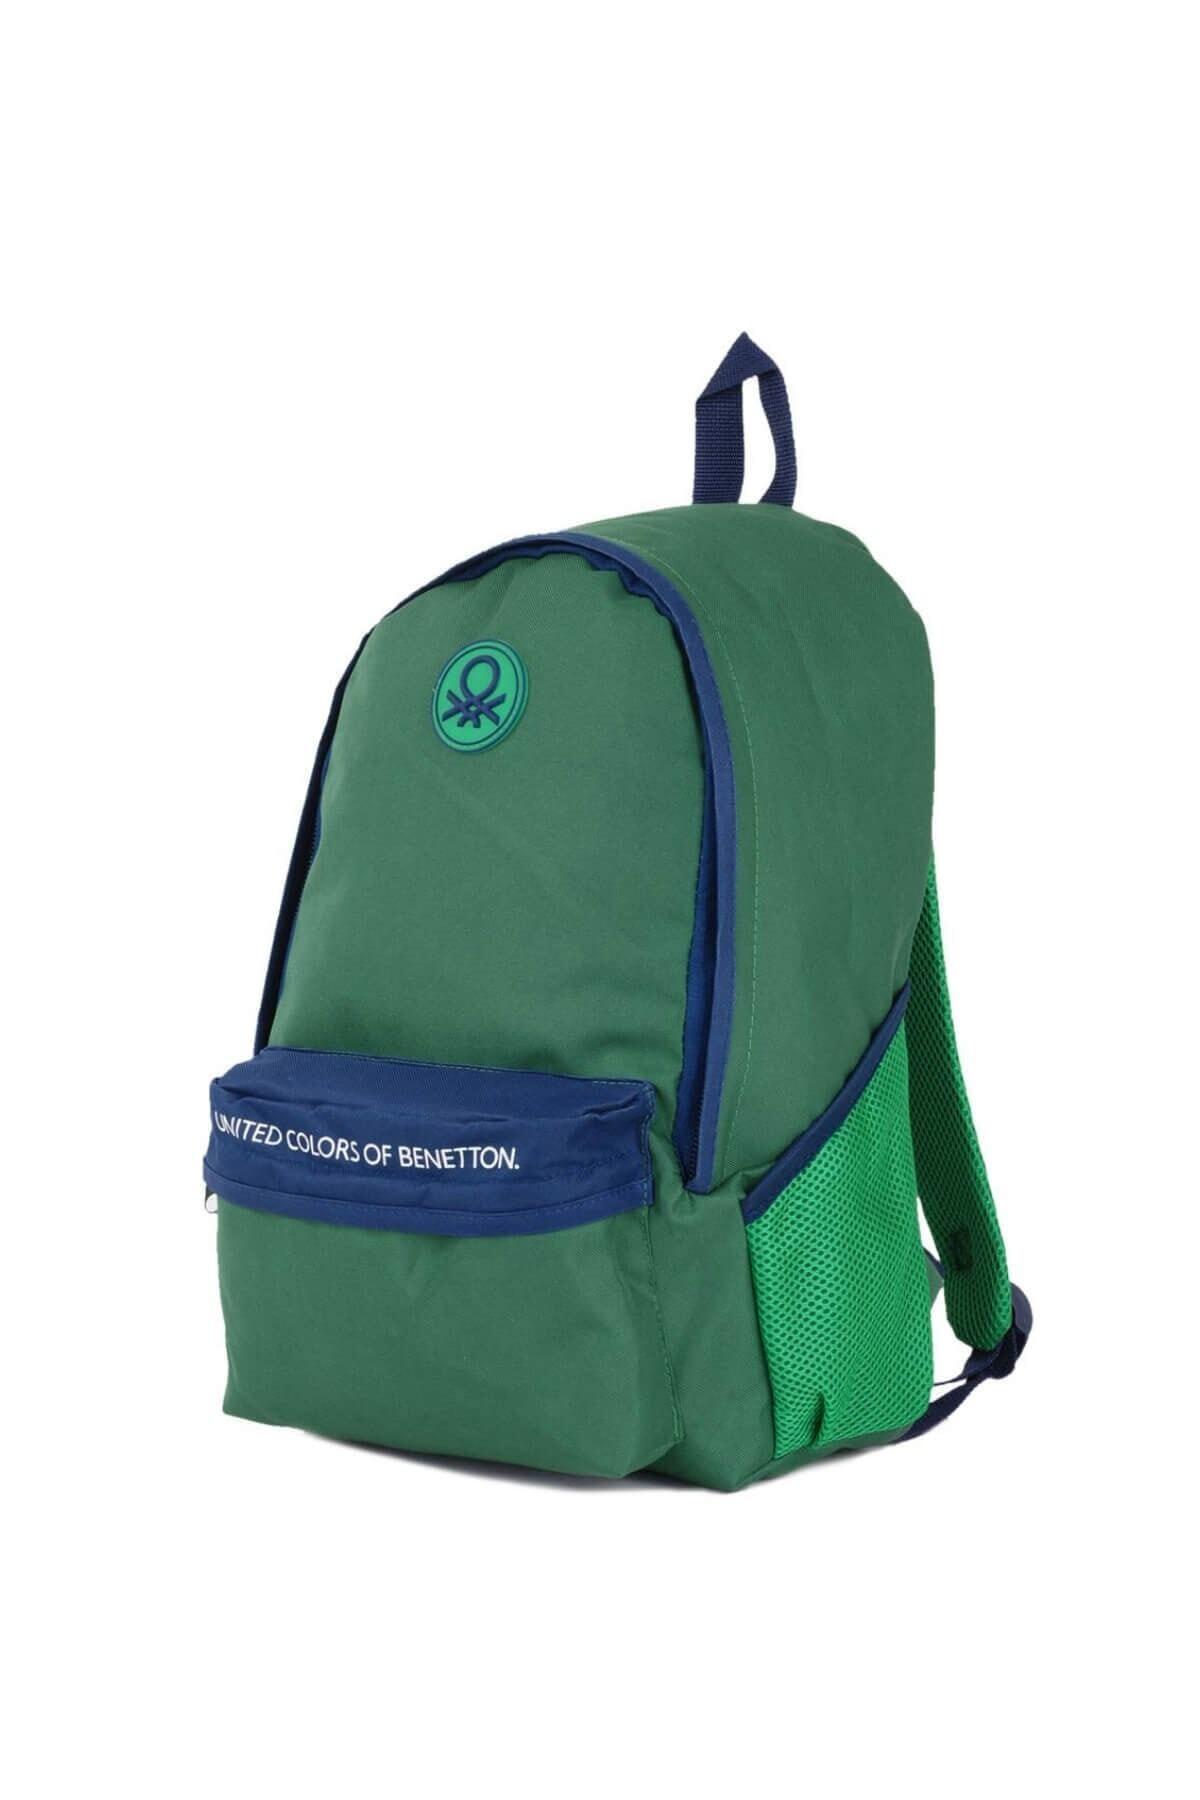 Benetton Unisex Yeşil Sırt Çantası 96068 2